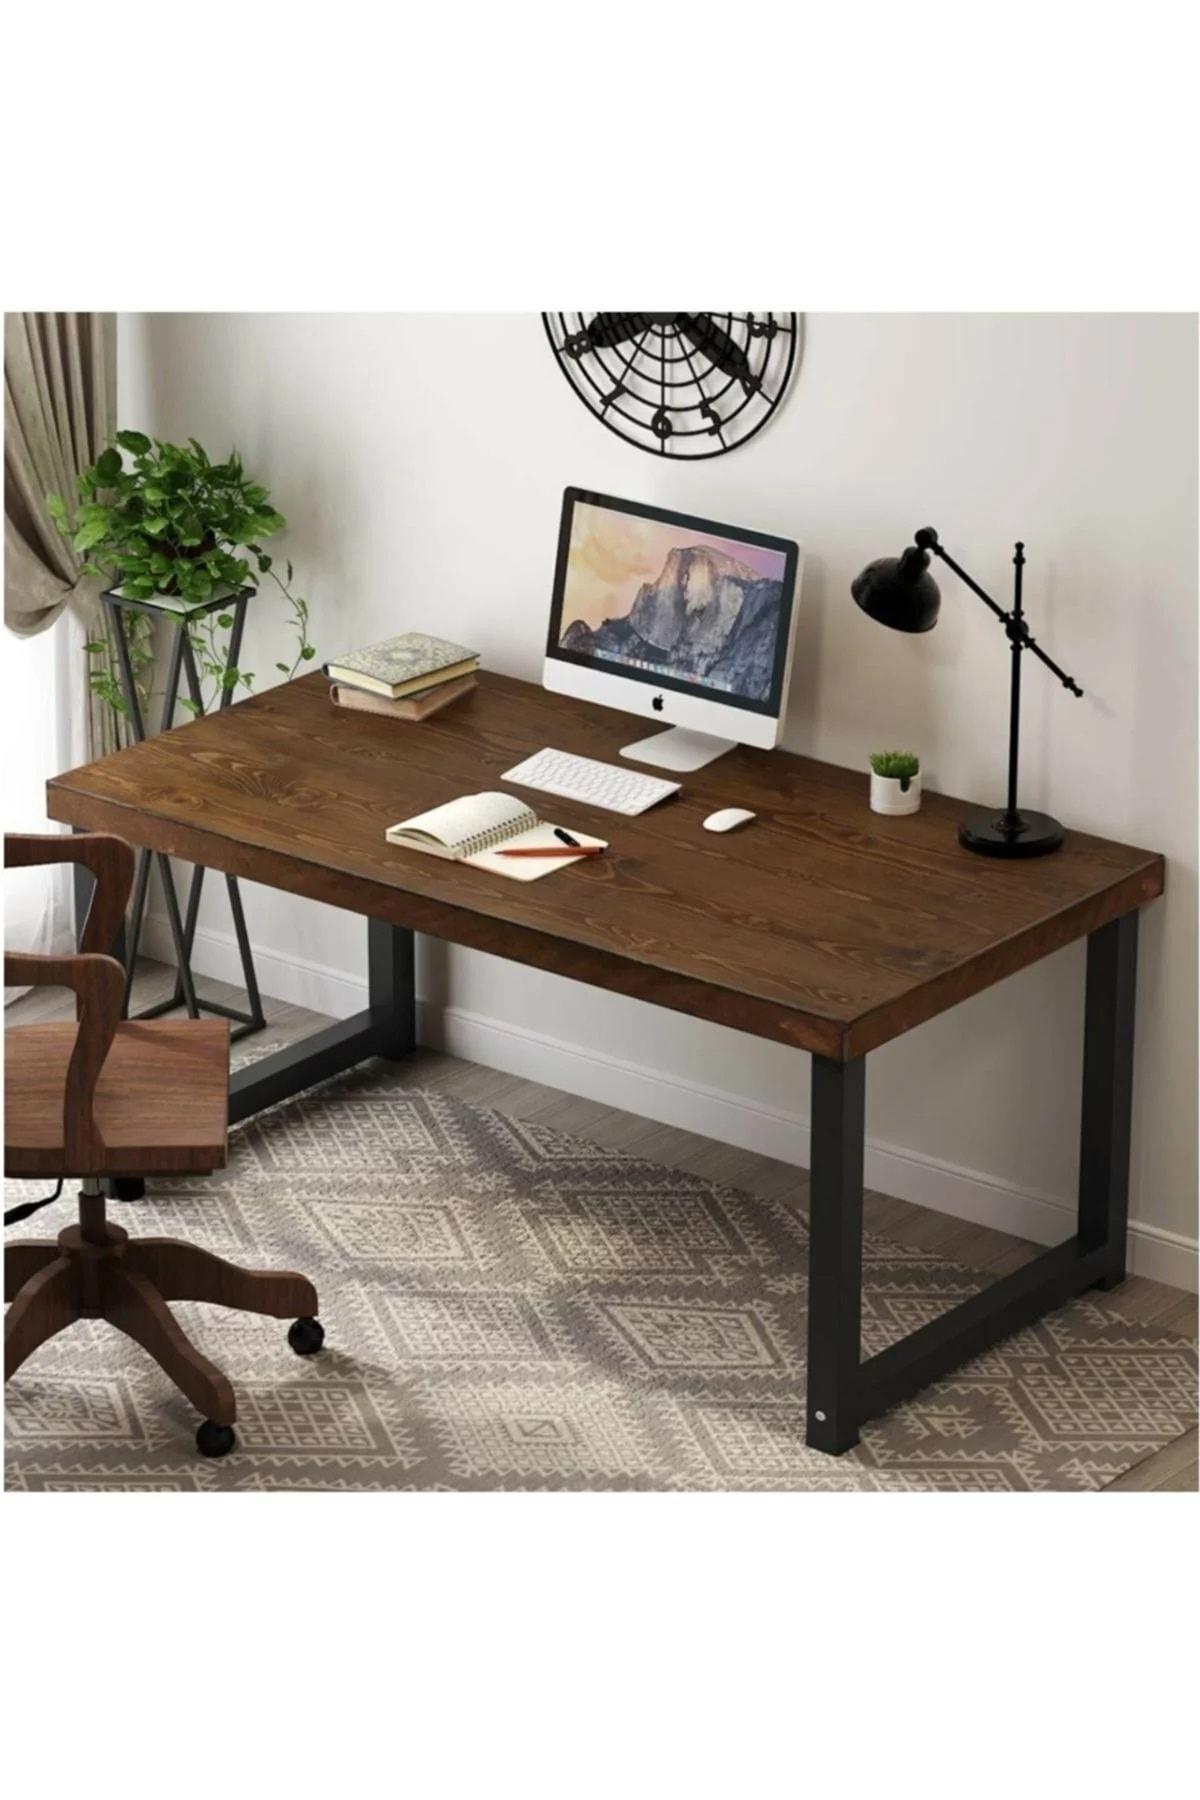 Ahşap Masif Dekoratif Tasarım Çalışma Masası Ahşap Ofis Masası